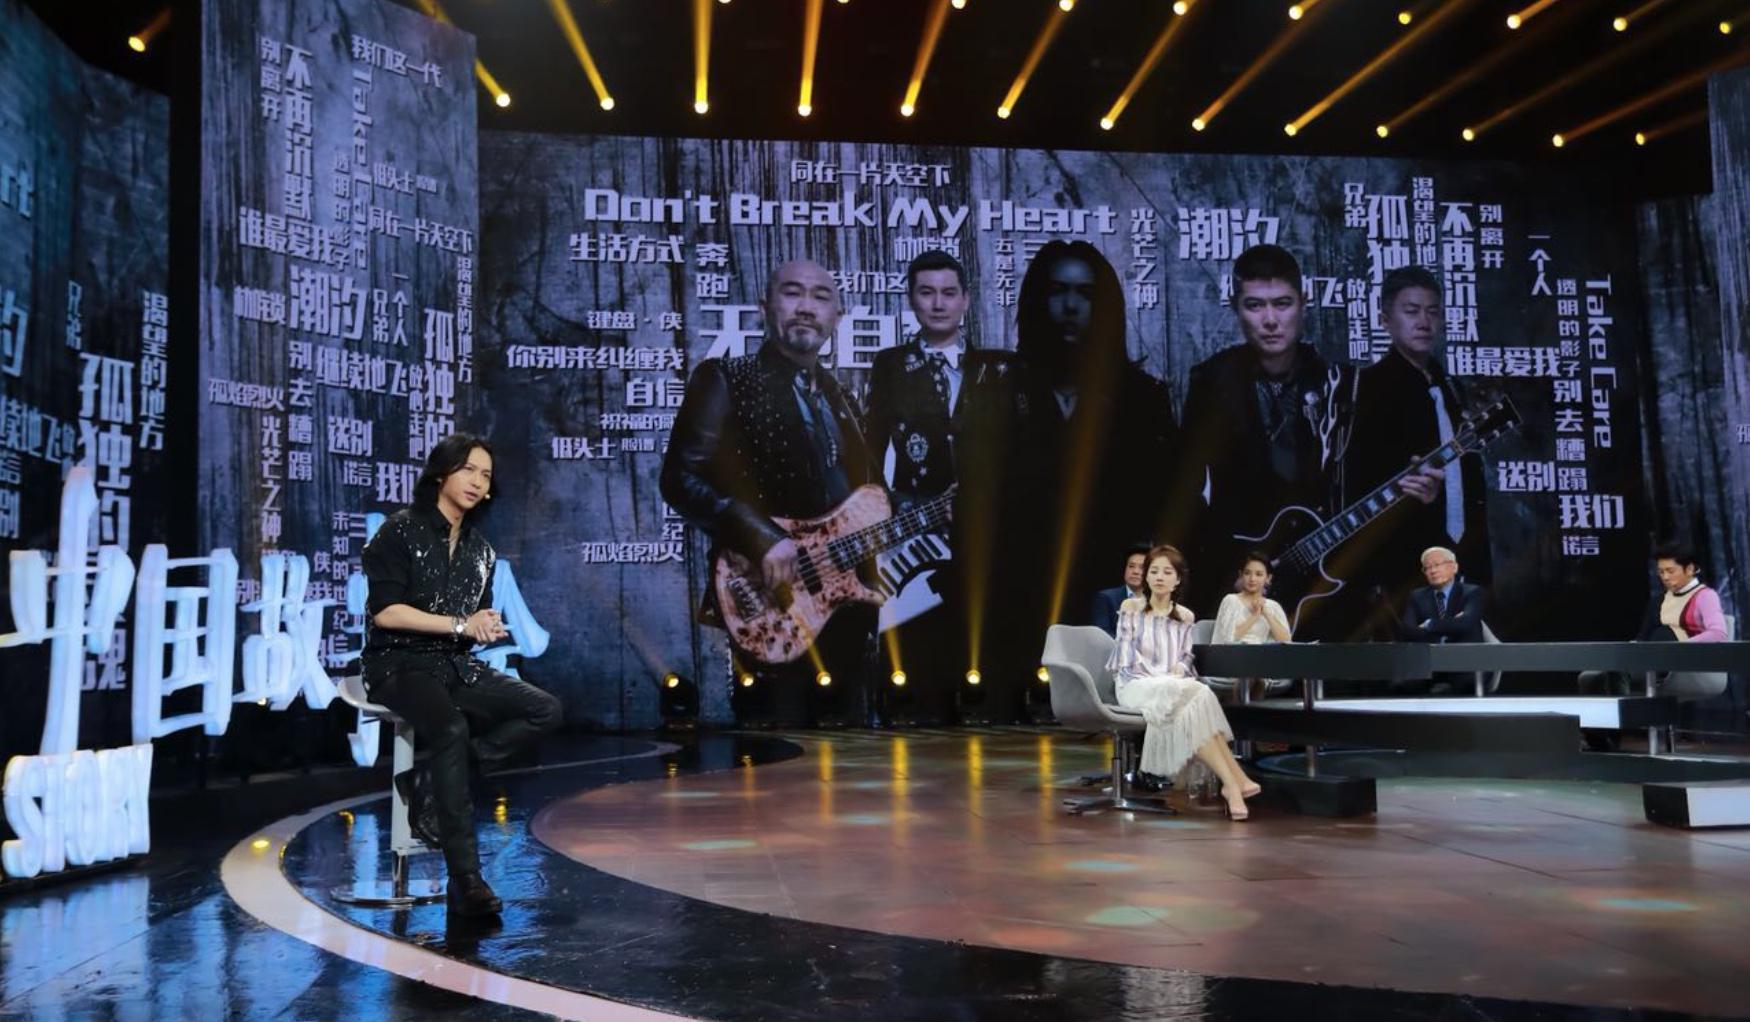 《中国故事大会2》冯提莫唱出真我 述音乐机缘